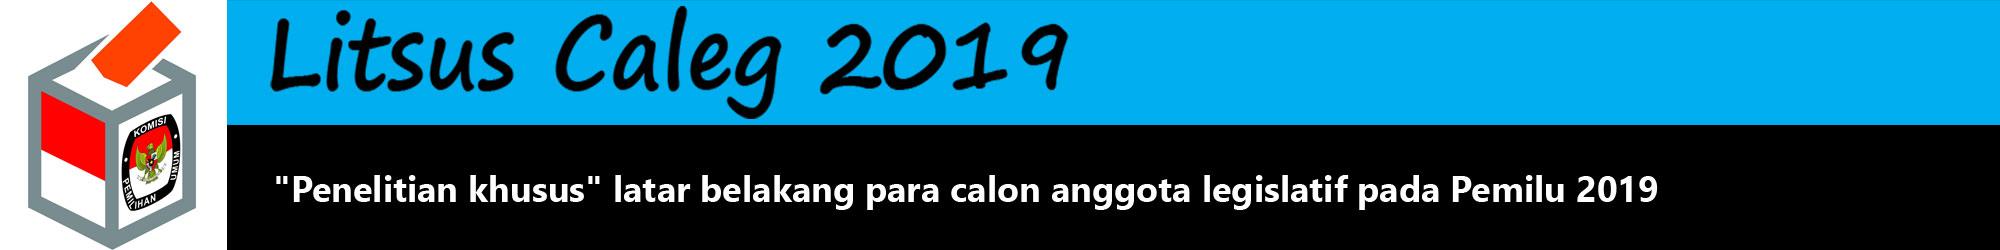 LitsusCaleg2019: Jawa Barat V (Kabupaten Bogor)